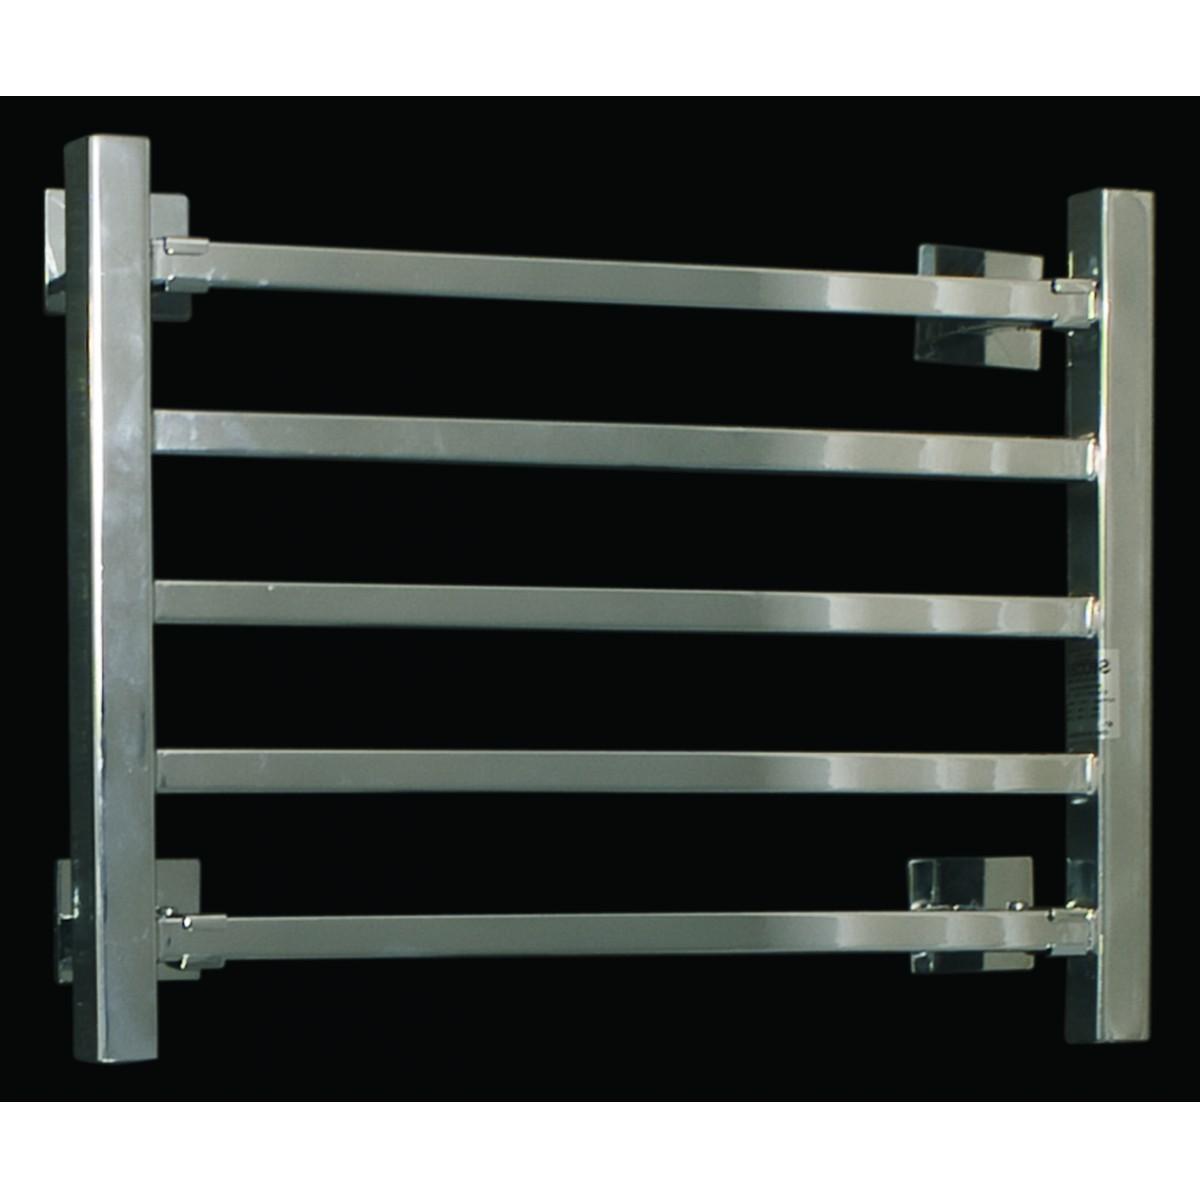 banheiro toalheiro elétrico metais acessórios para banheiro #080B0A 1200x1200 Acessorios Banheiro Docol